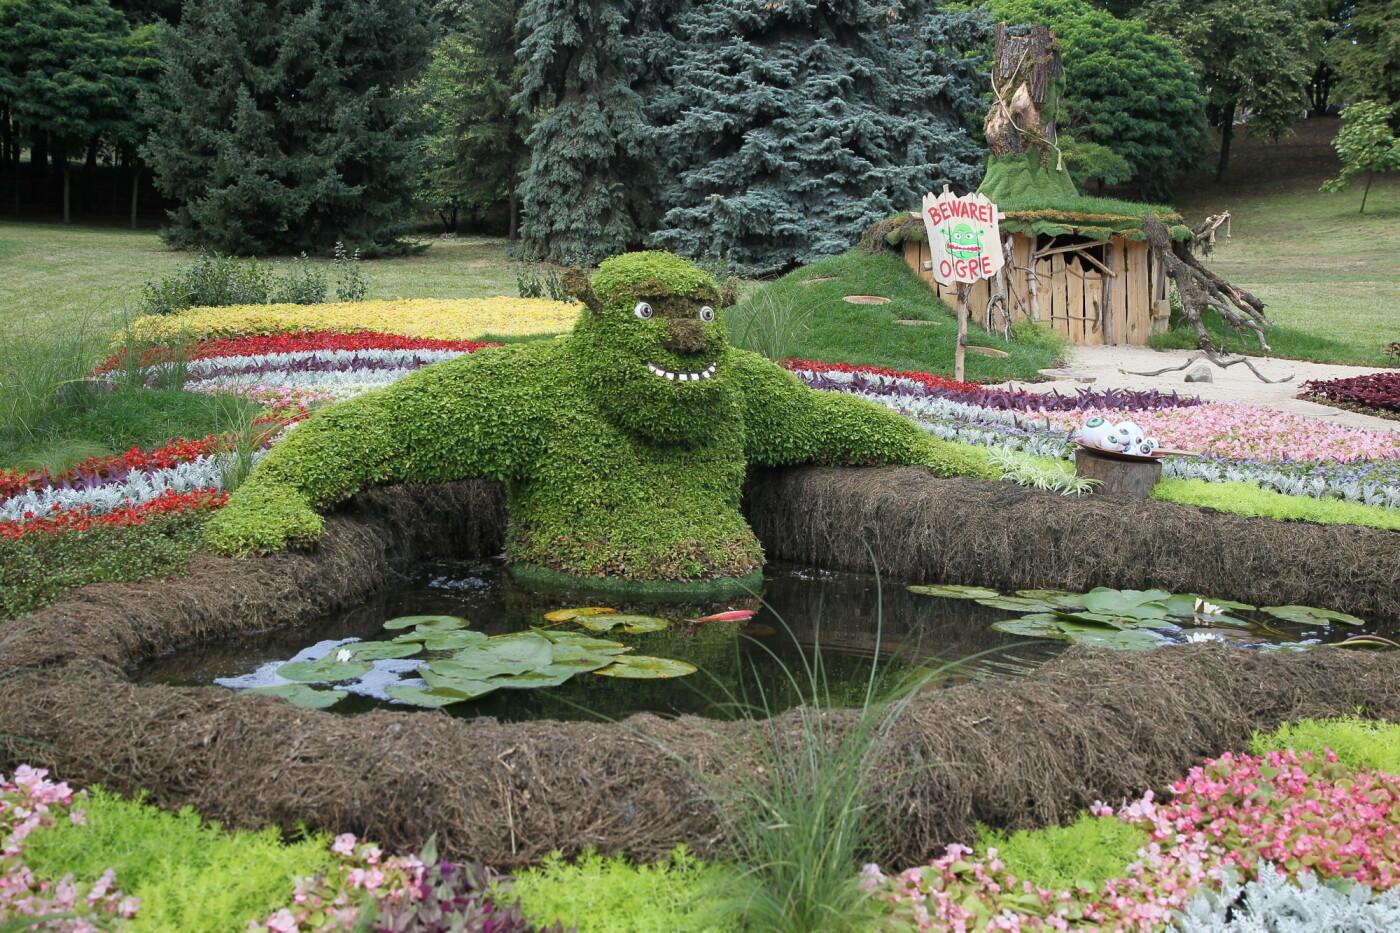 В Киеве на Певческом поле проходит выставка цветов «Мульт-ленд» - ФОТО, фото-8